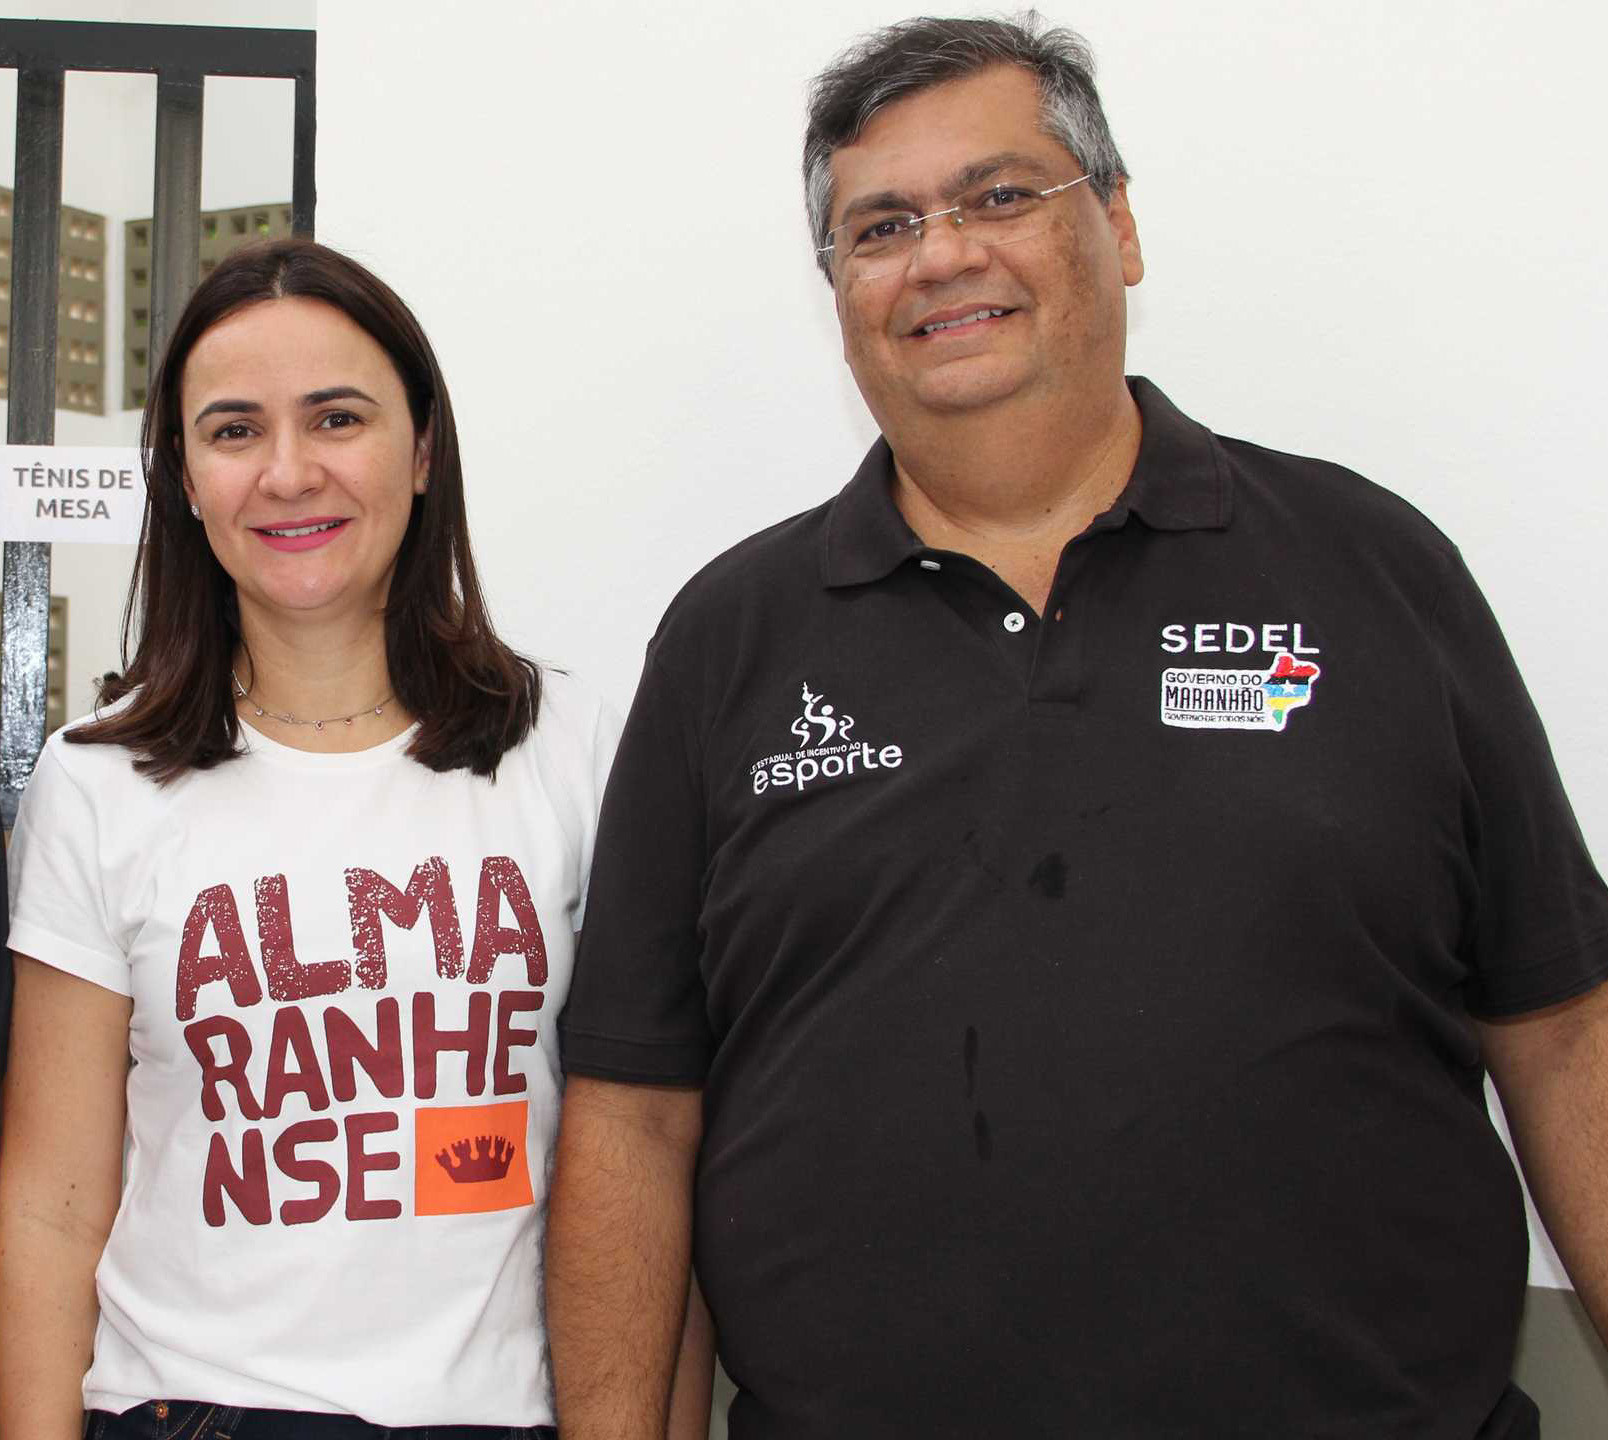 A primeira dama Danielle Lima e o Gov. Flávio Dino na solenidade.